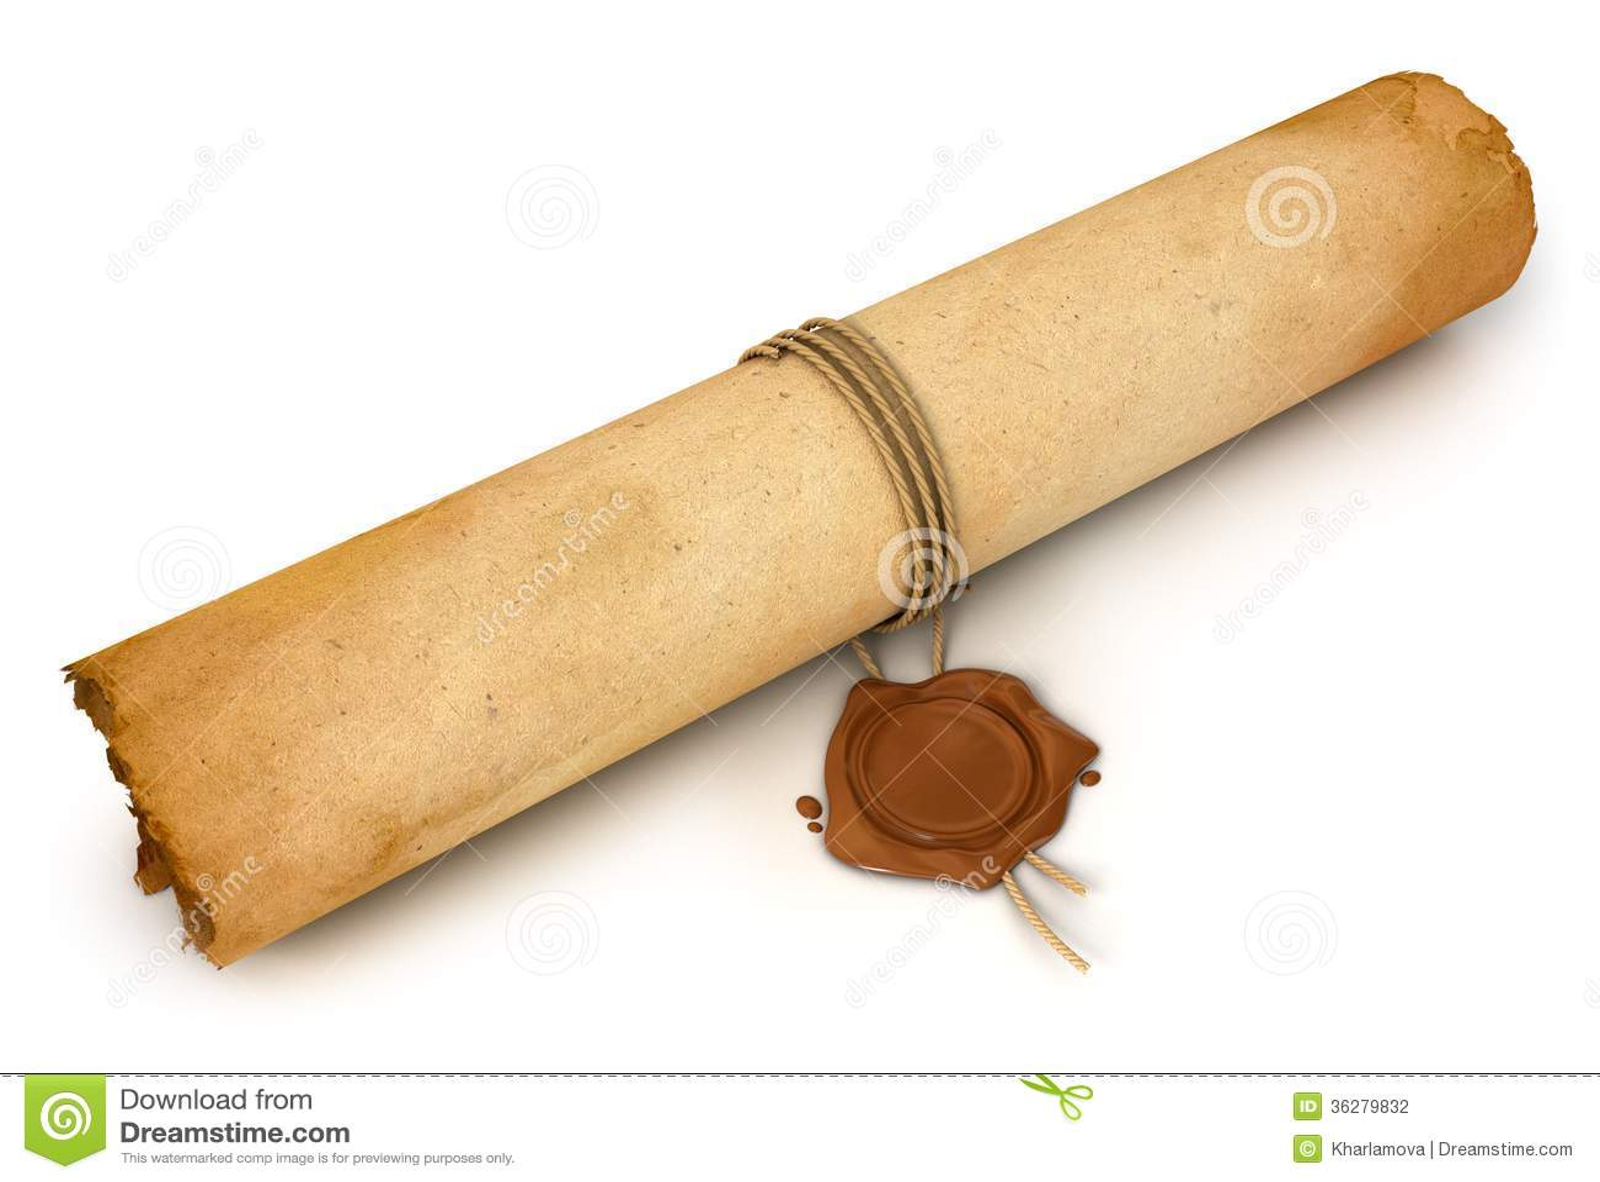 Как сделать кулек из пергамента